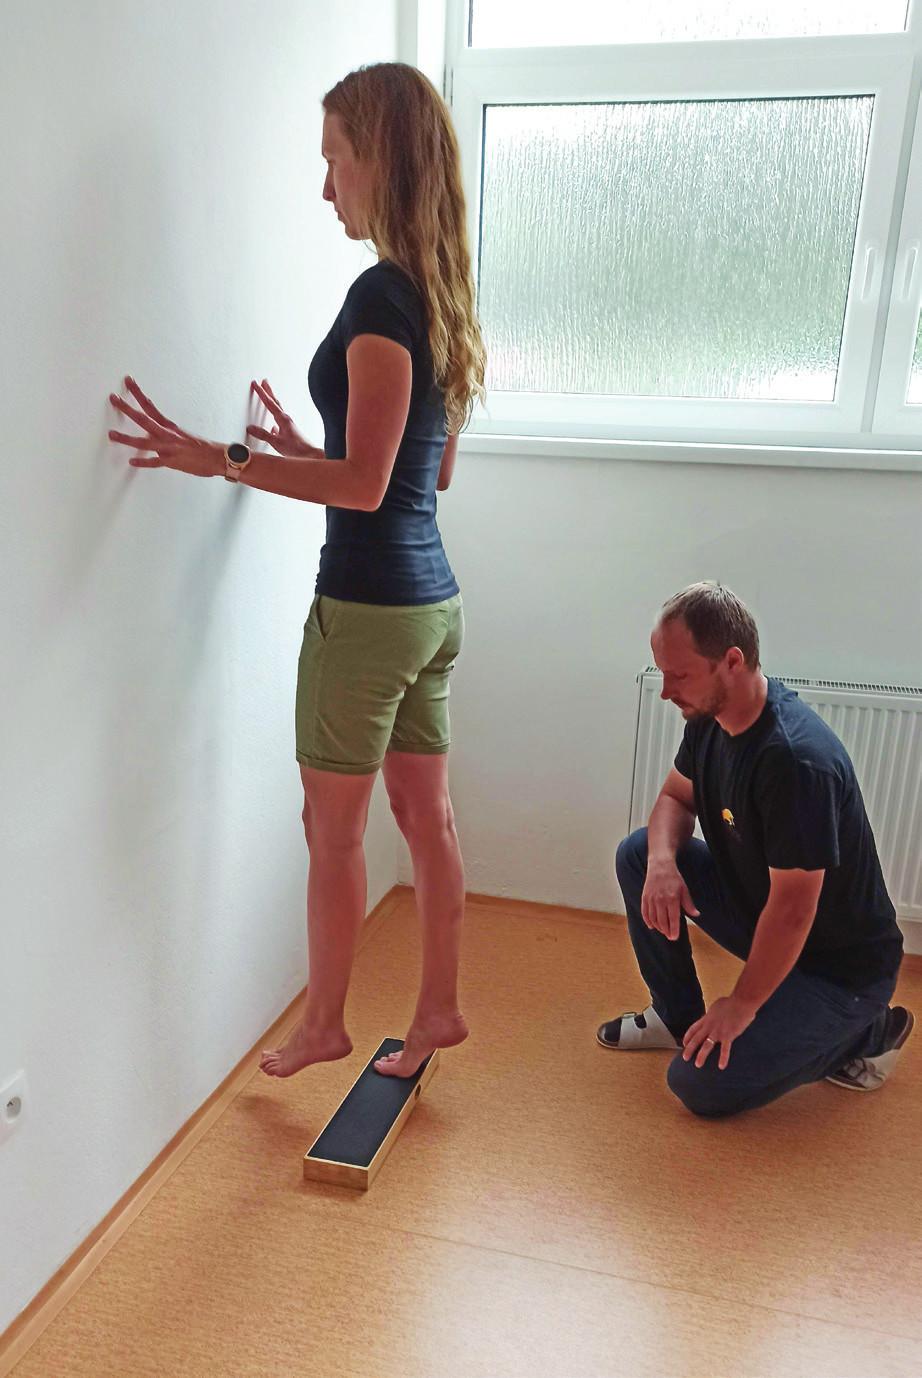 Excentrické cvičenie Achillovej šľachy. V prvej fáze pacient urobí výpon na špičkách bilaterálne. V druhej fáze pohybu sa pacient vracia do pôvodnej pozície s dôrazom na spomalenie pohybu a excentrickú fázu pohybu. Pre optimálnej prevedenie sa pacient snaží dosiahnuť úroveň pod 0 stupňov (schodík a pod.).